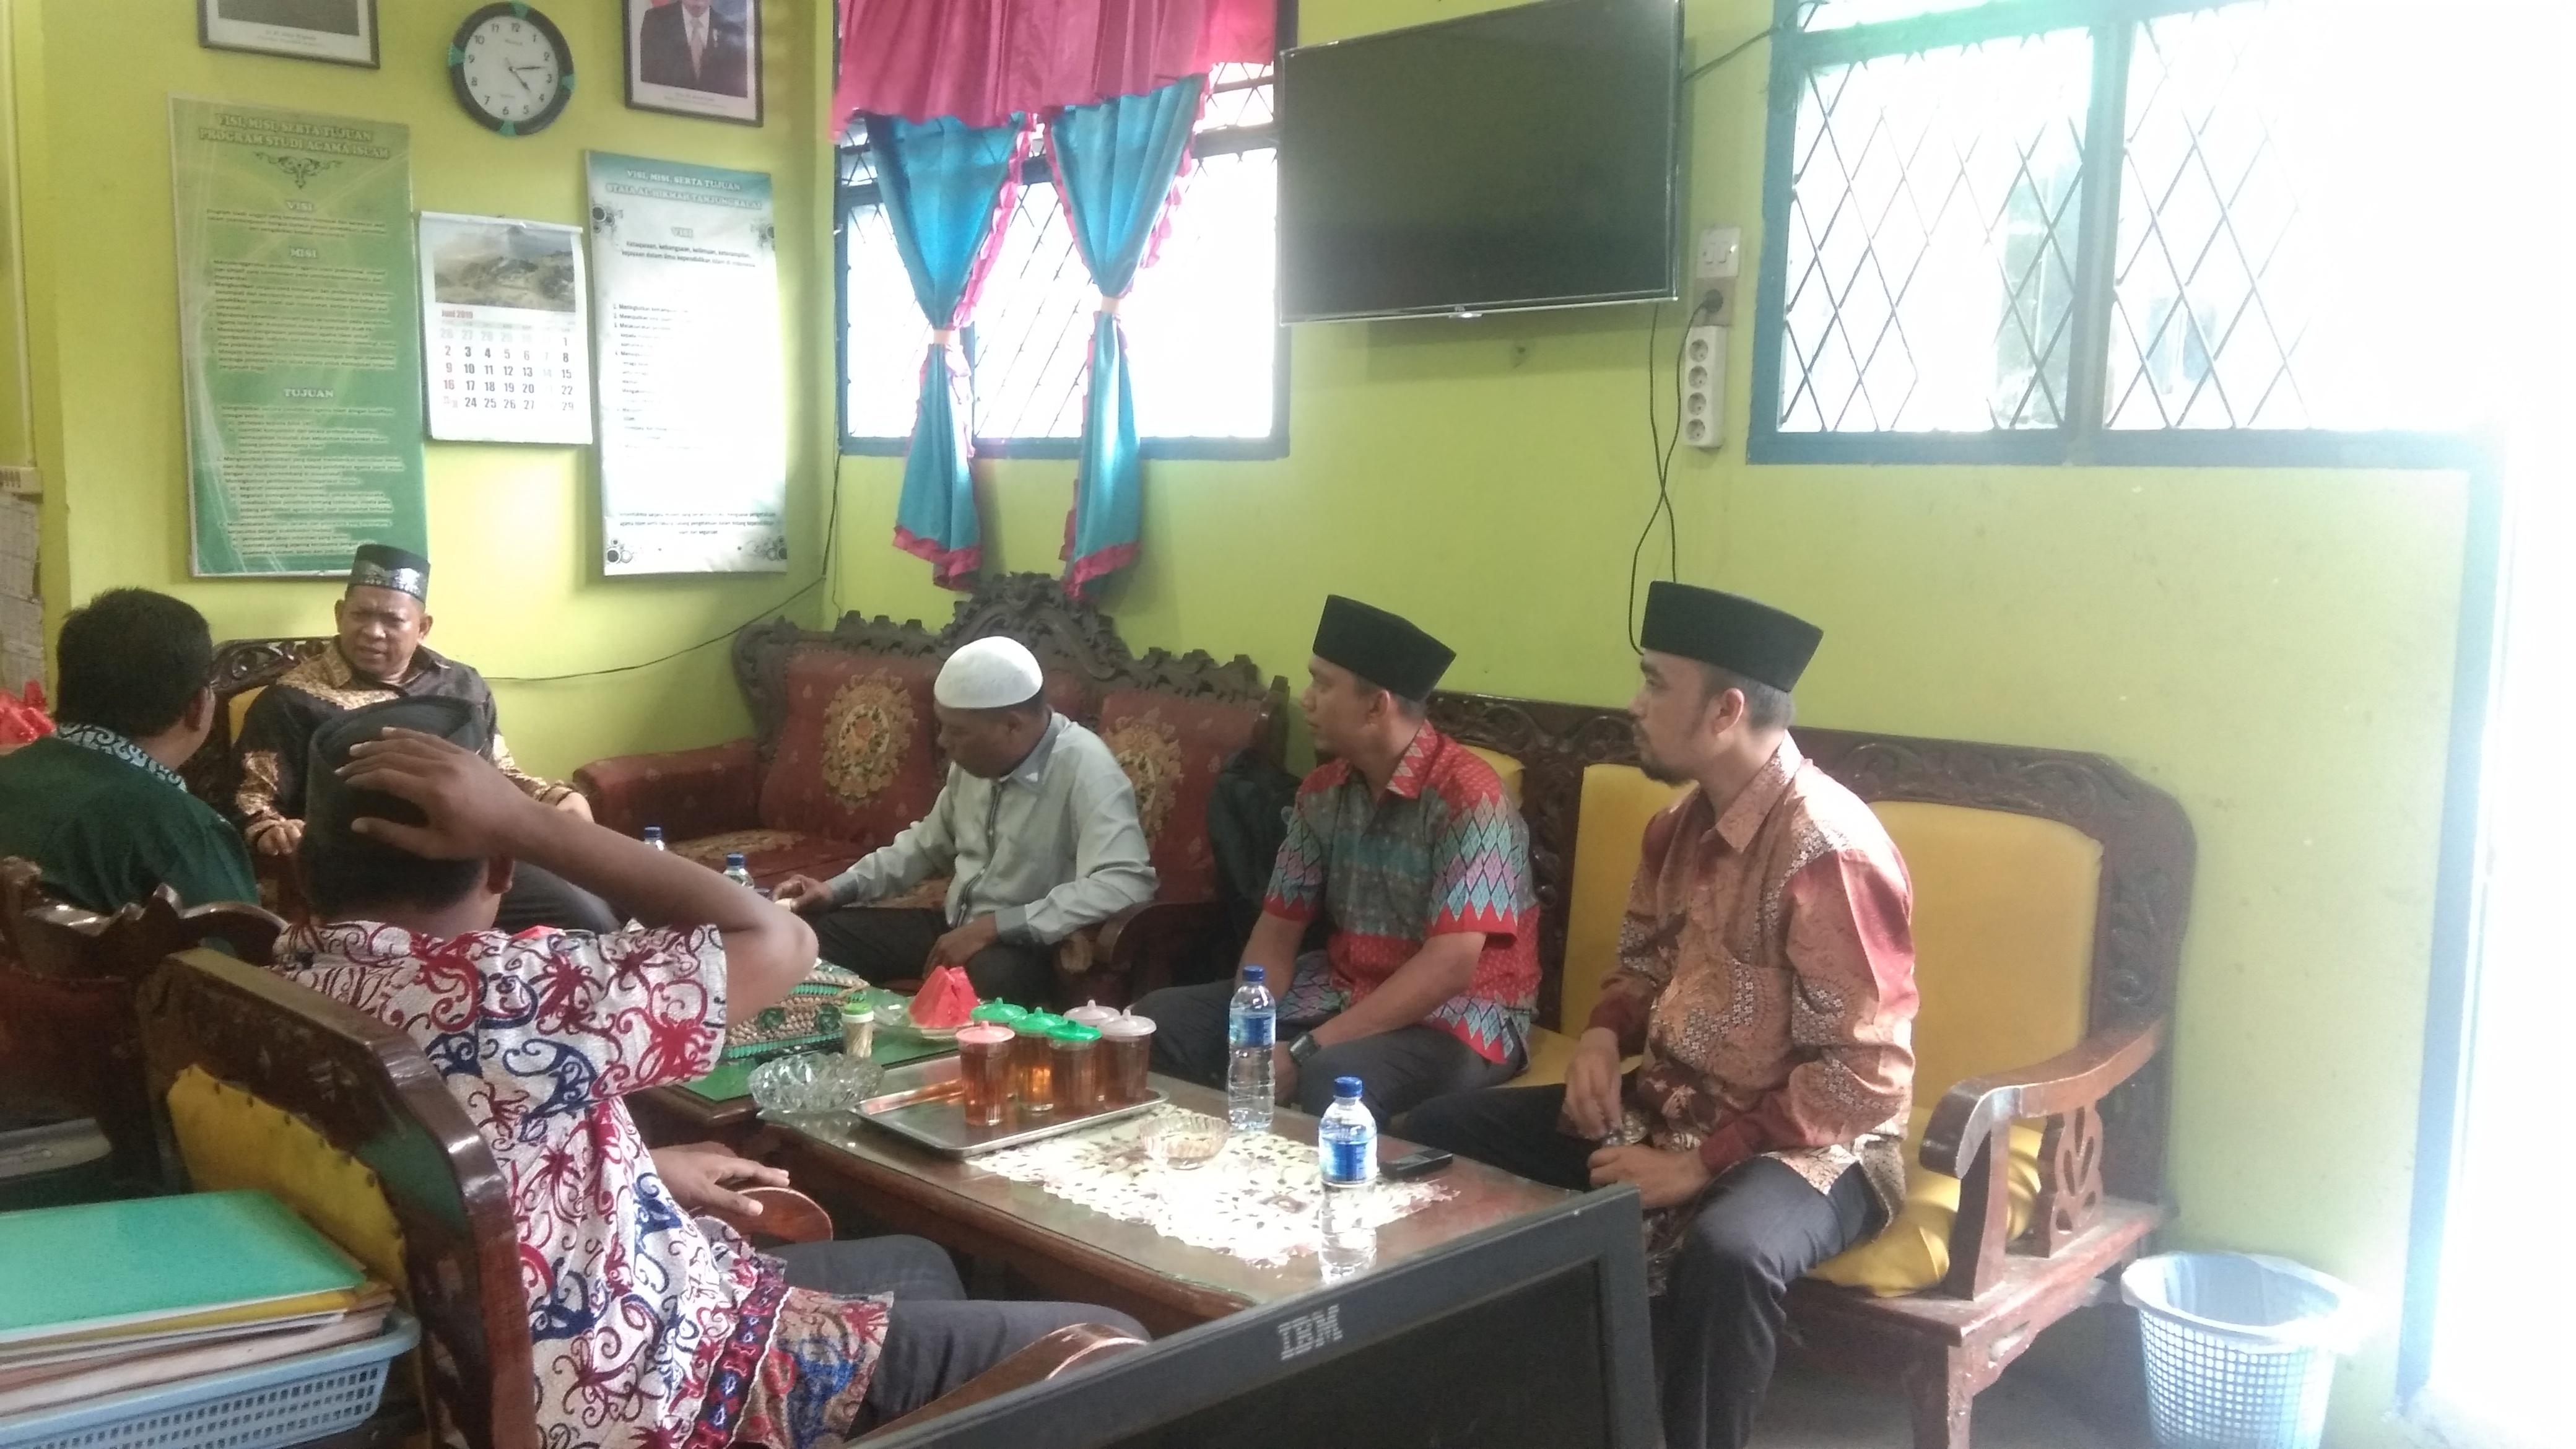 Kunjungan Rektor UIN Sumatera Utara Bapak Prof. Dr. Saidurrahman, M.ag ke Kampus STAI Al-Hikmah Tanjungbalai